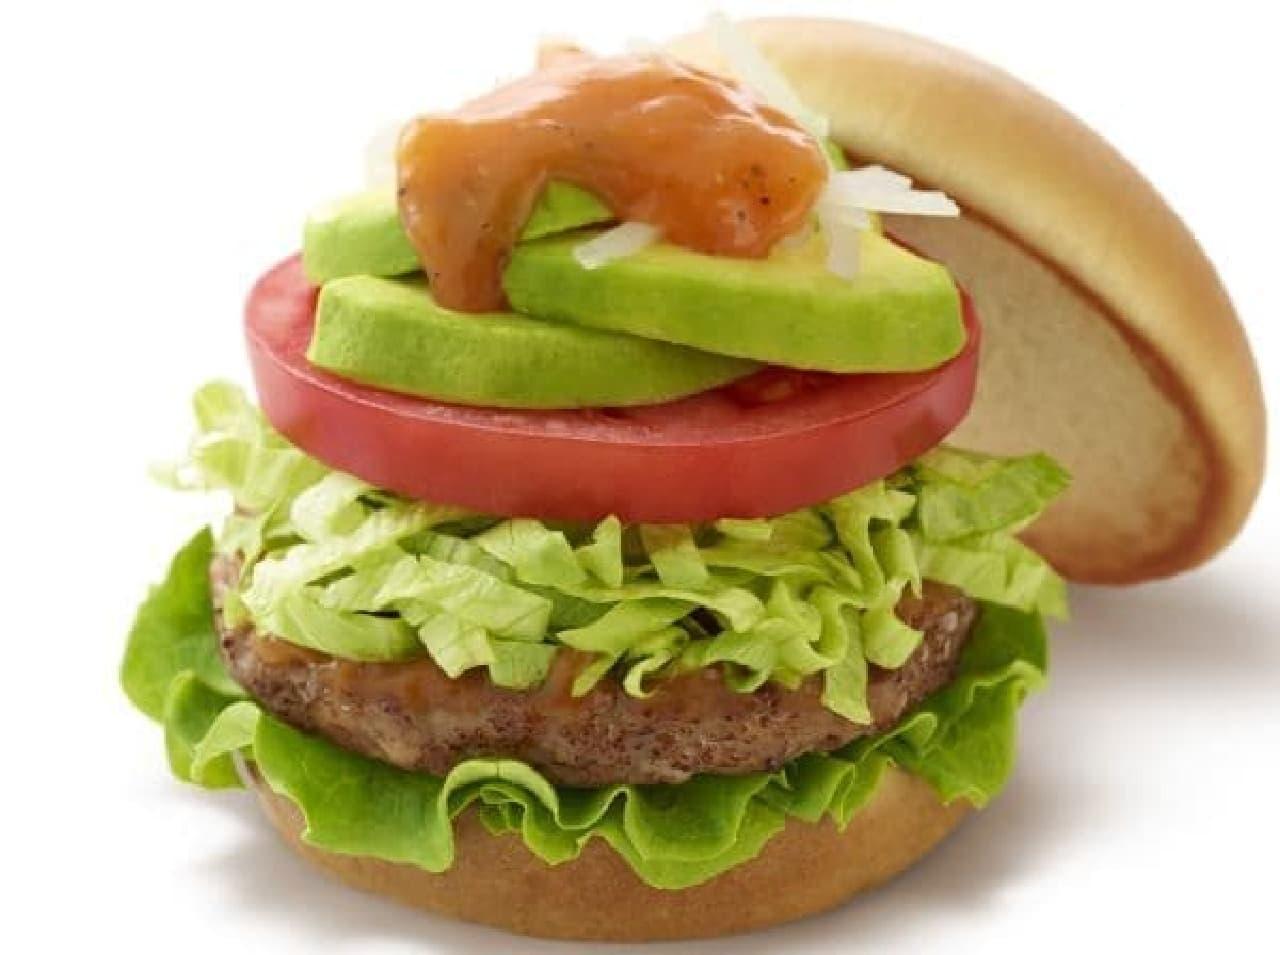 モスバーガー「アボカドサラダバーガー 5種の野菜とレモンのソース」